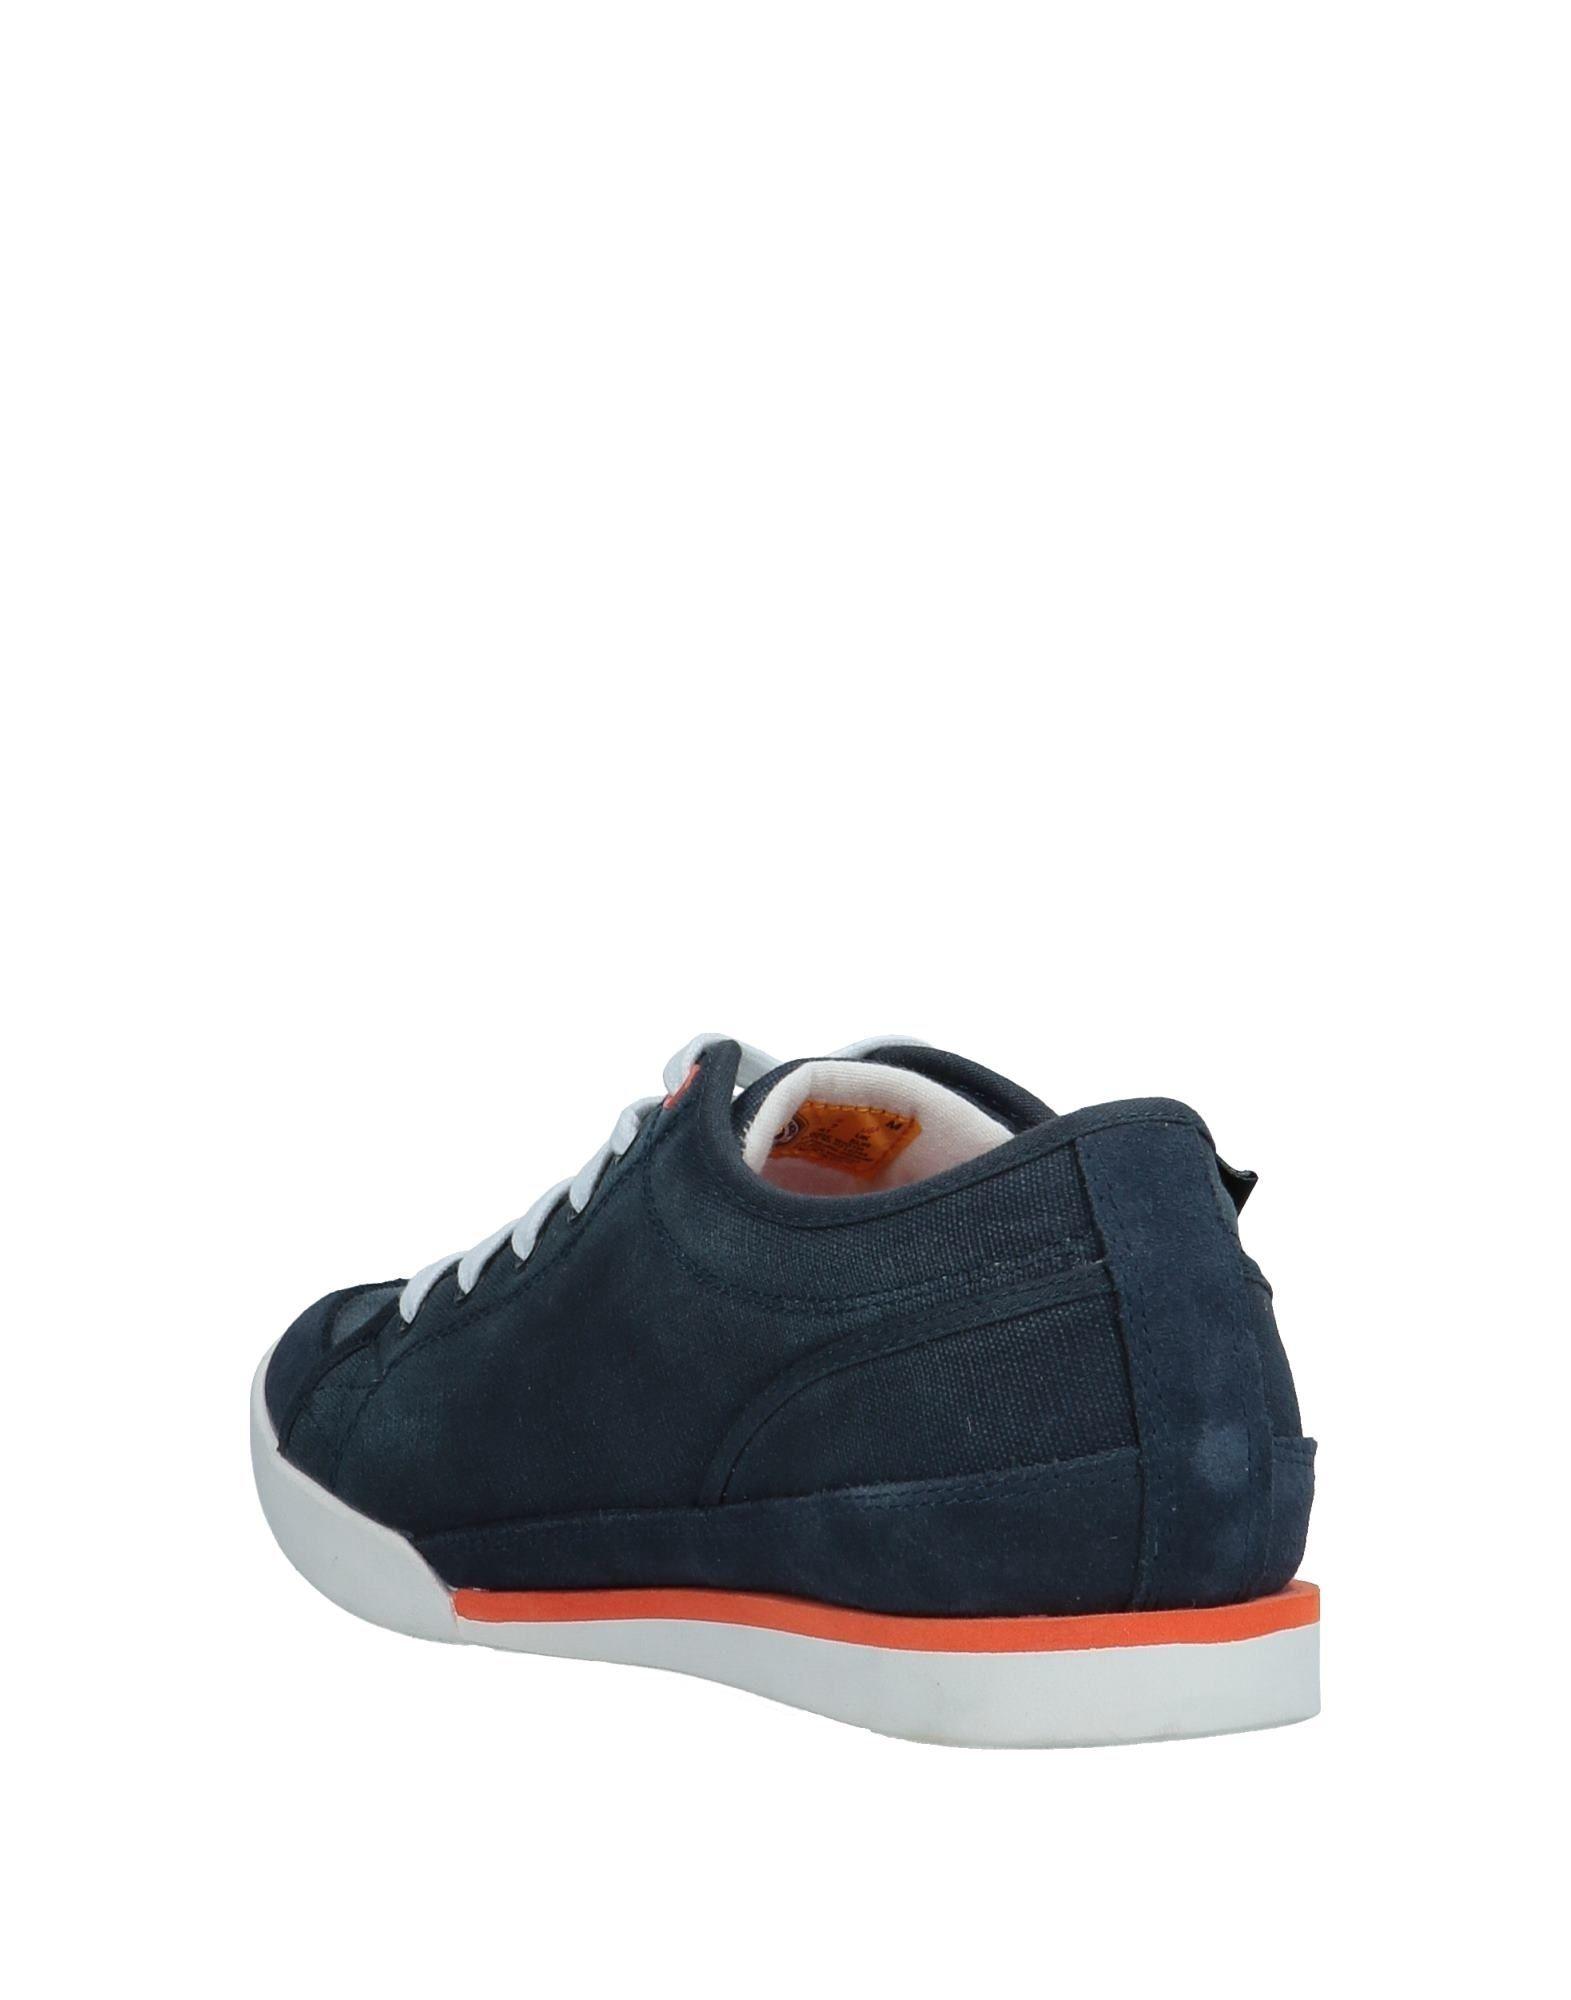 Rabatt echte Schuhe Cat Sneakers 11560779MW Herren  11560779MW Sneakers a6c406